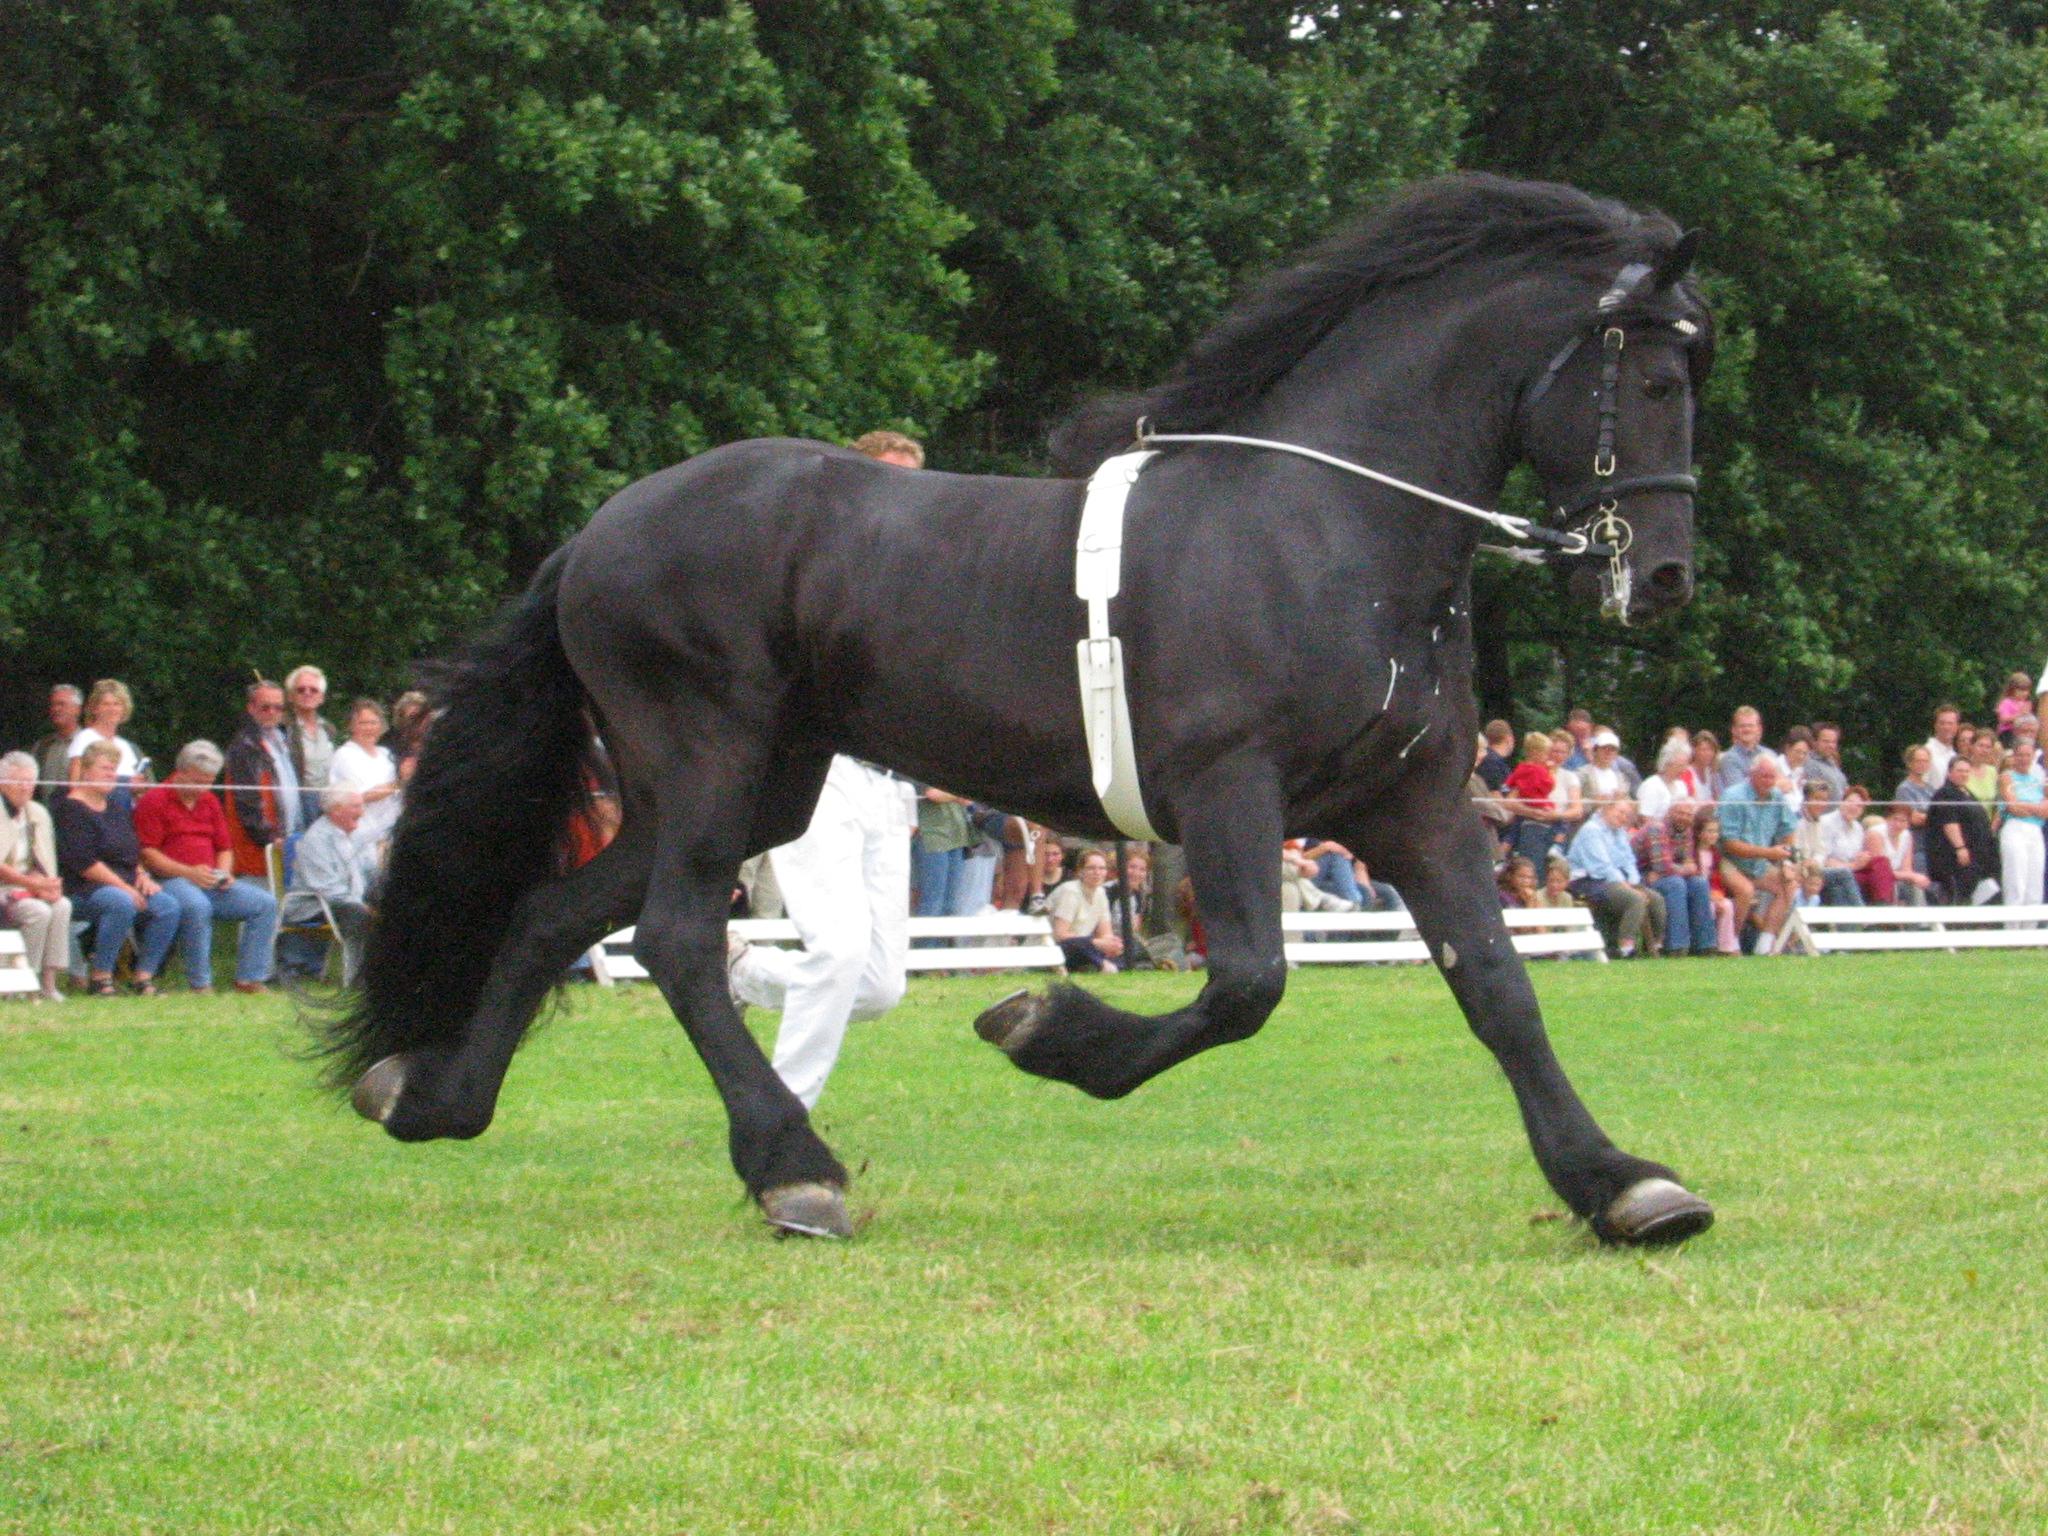 Assicurazione animali per il cavallo cosa copre - Assicurazione casalinghe inail cosa copre ...